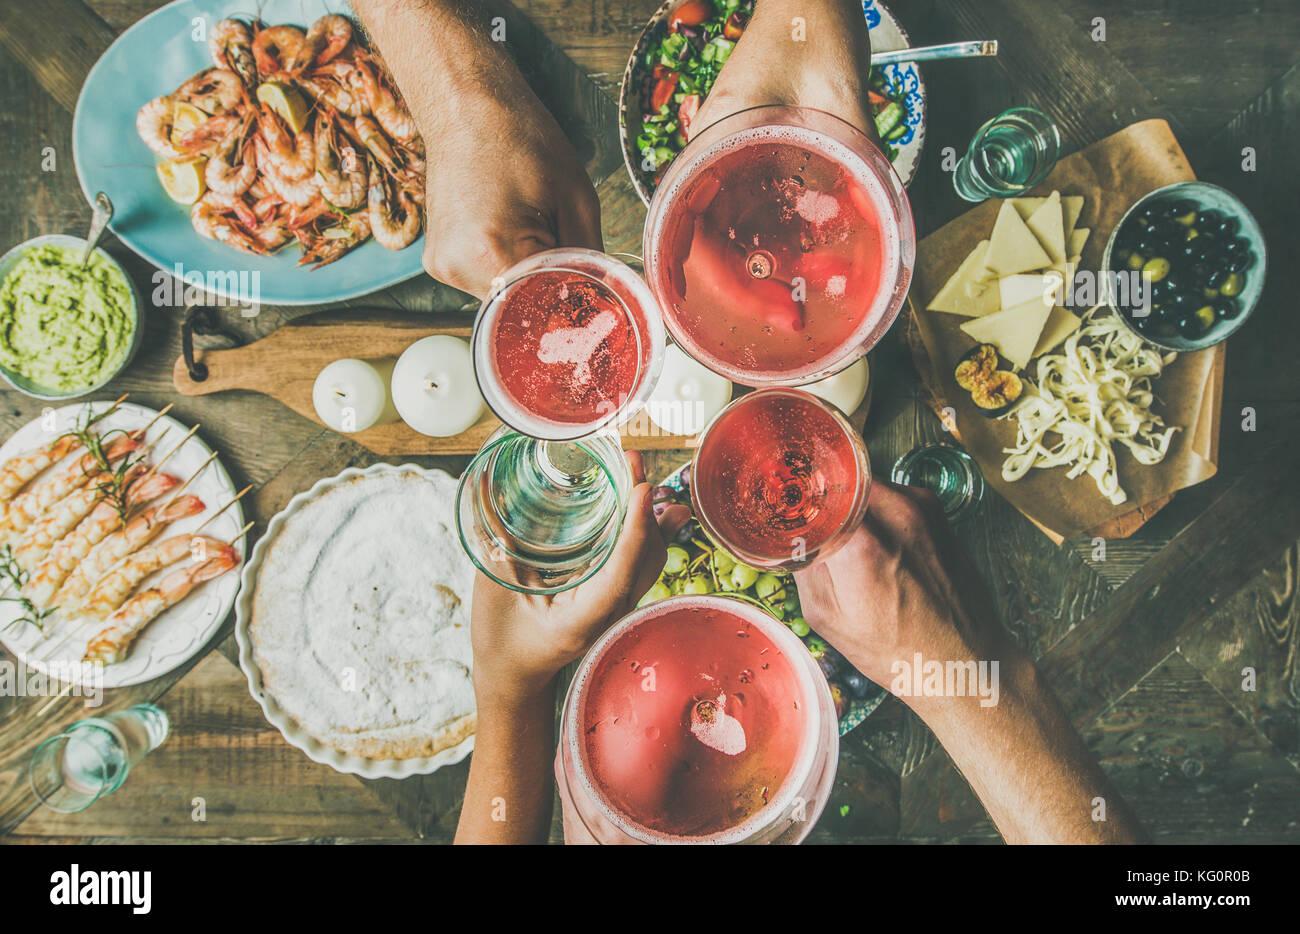 Flat-laici amici di mani a mangiare e a bere insieme, composizione orizzontale Immagini Stock